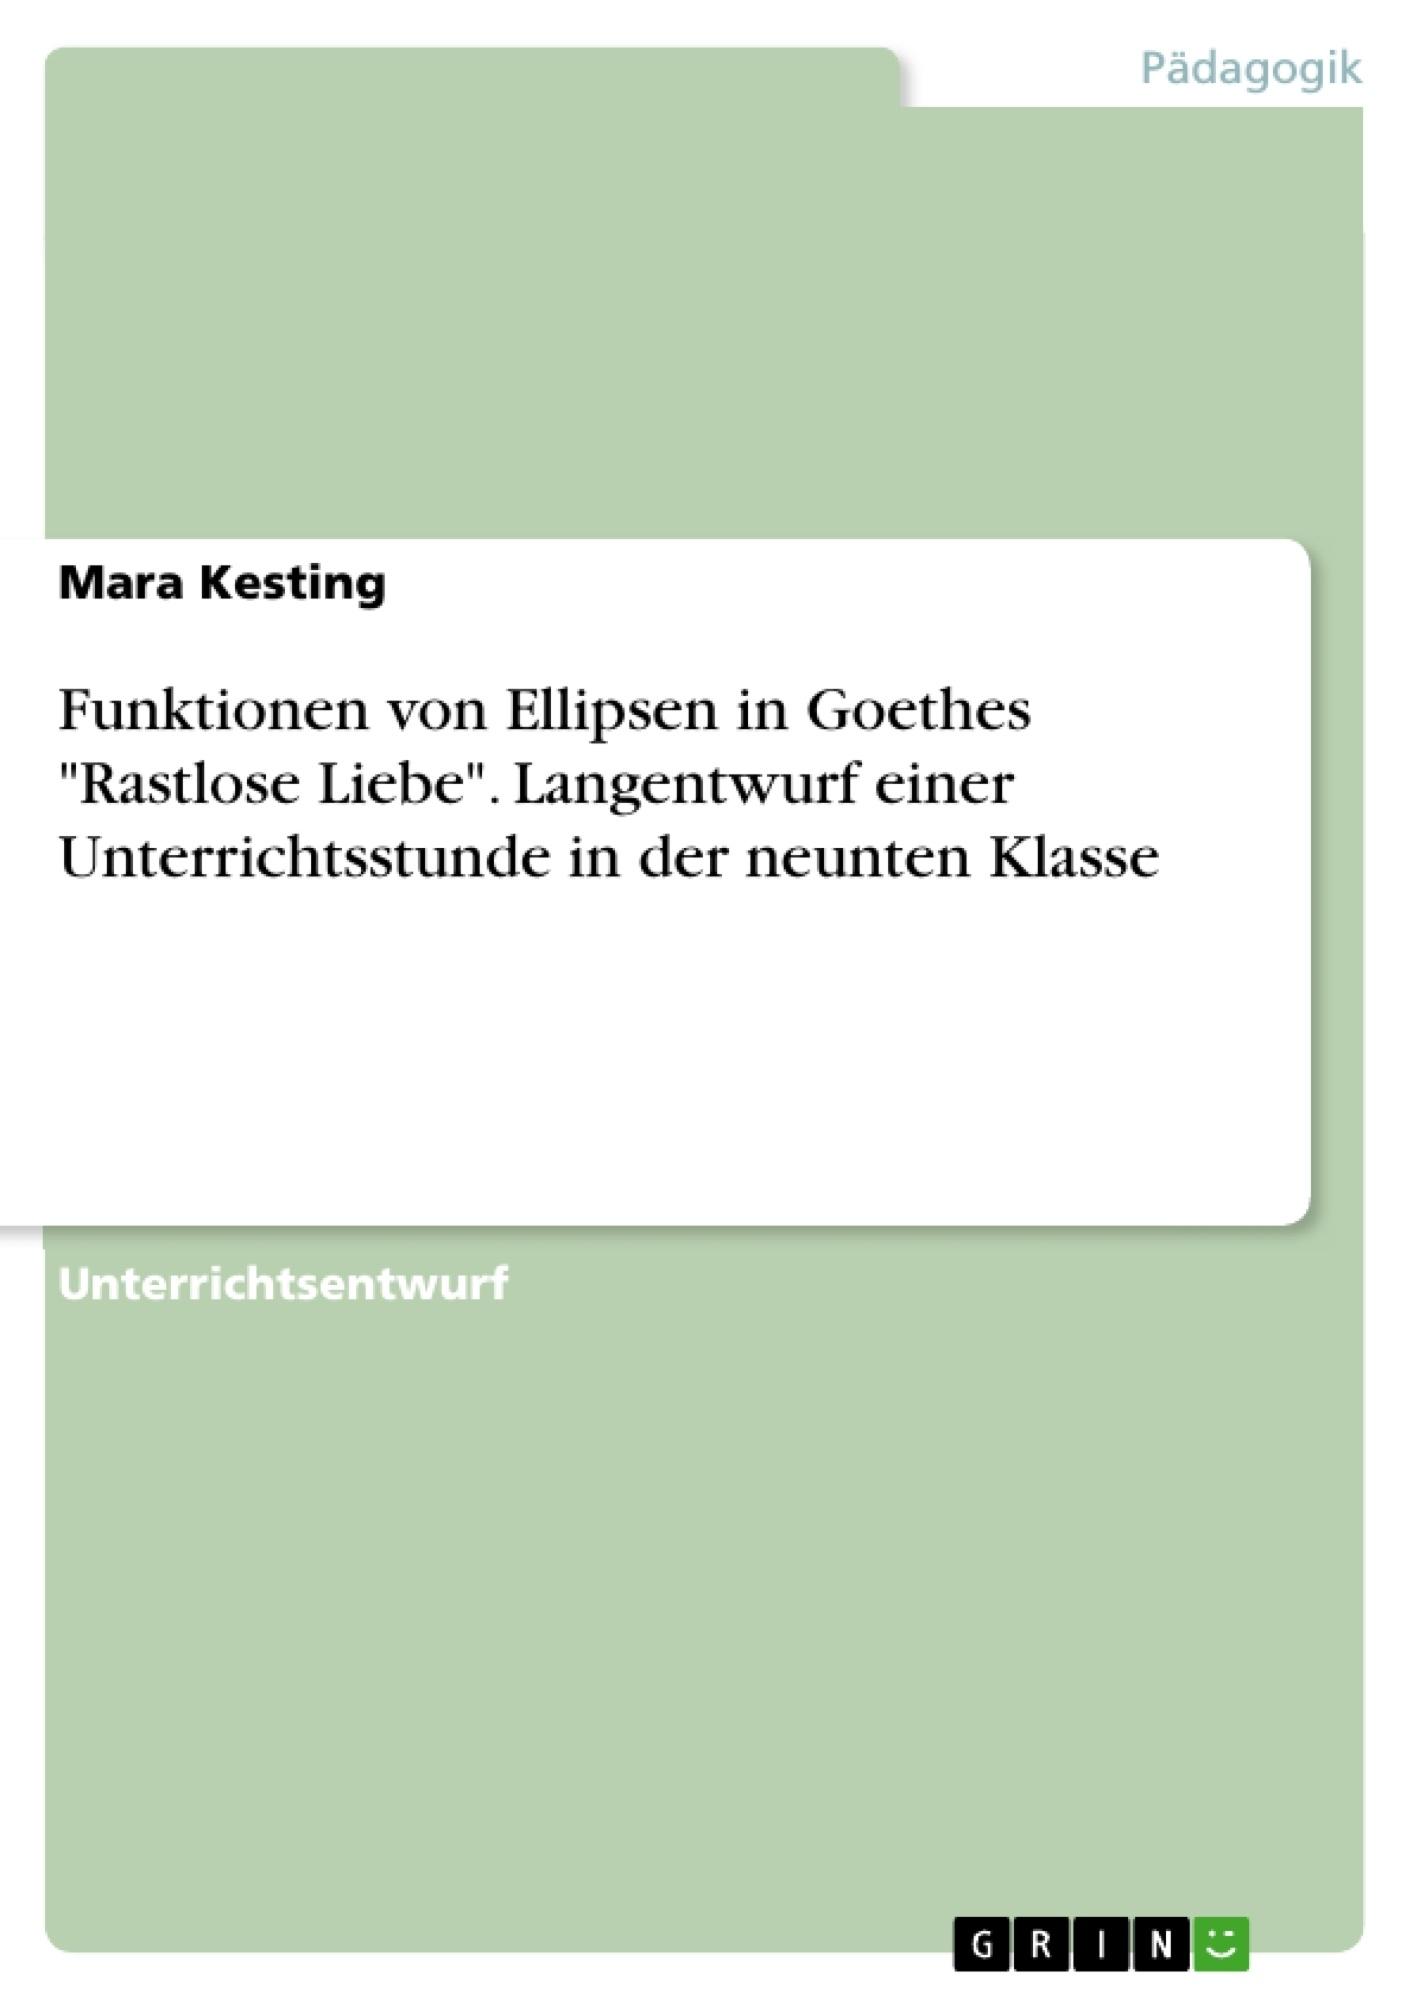 """Titel: Funktionen von Ellipsen in Goethes """"Rastlose Liebe"""". Langentwurf einer Unterrichtsstunde in der neunten Klasse"""